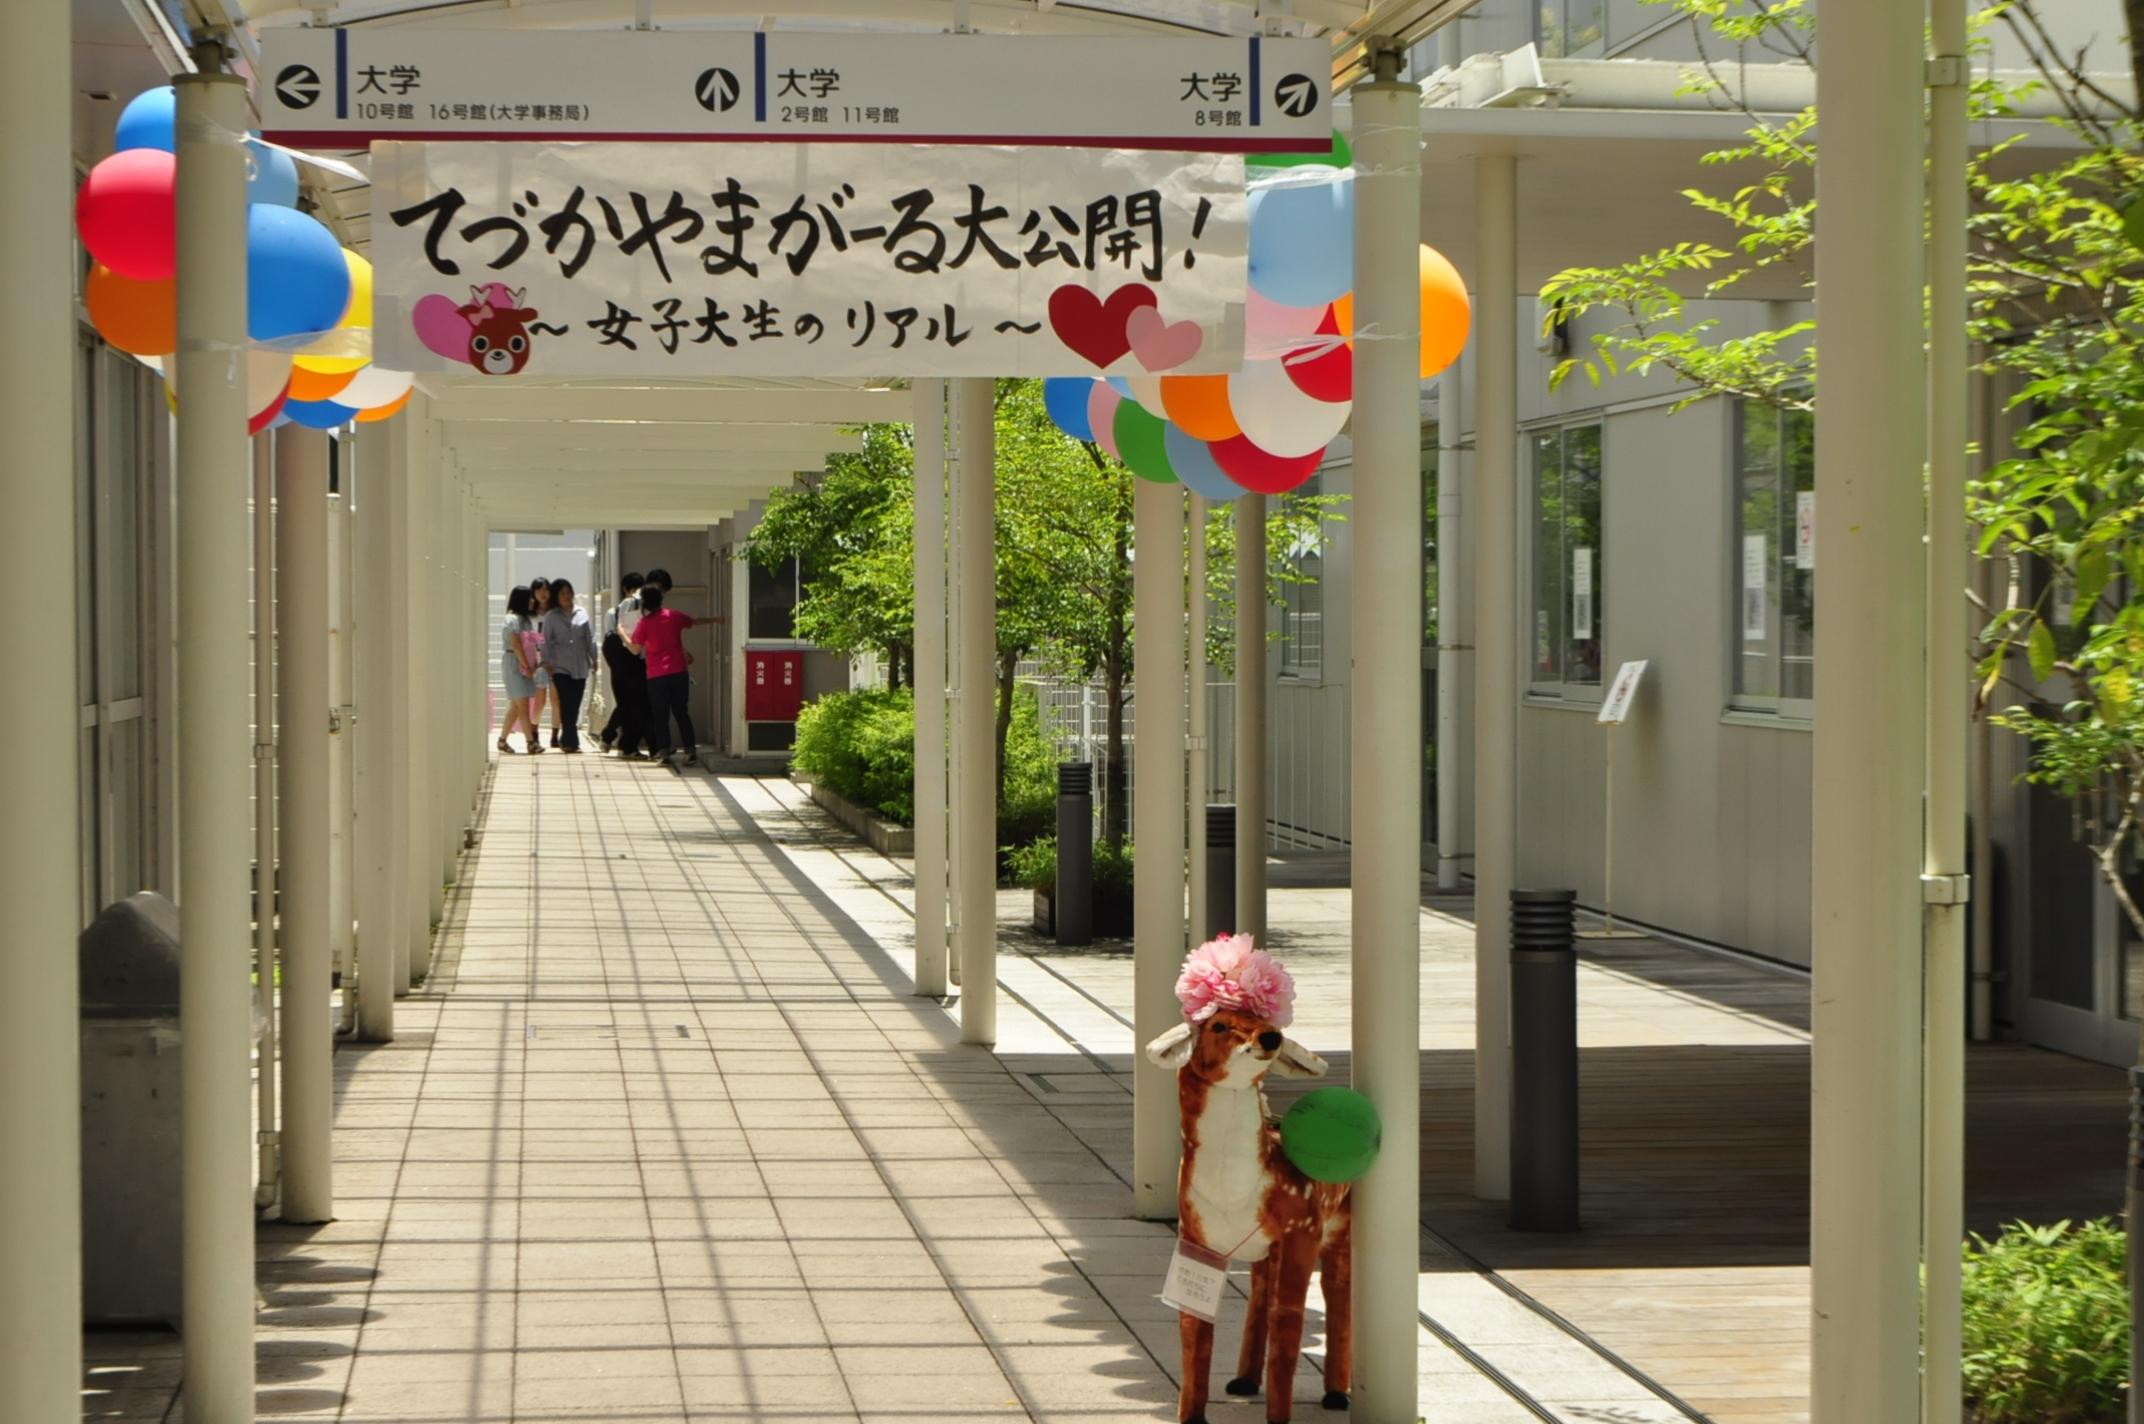 ようこそ! 帝塚山大学へ。